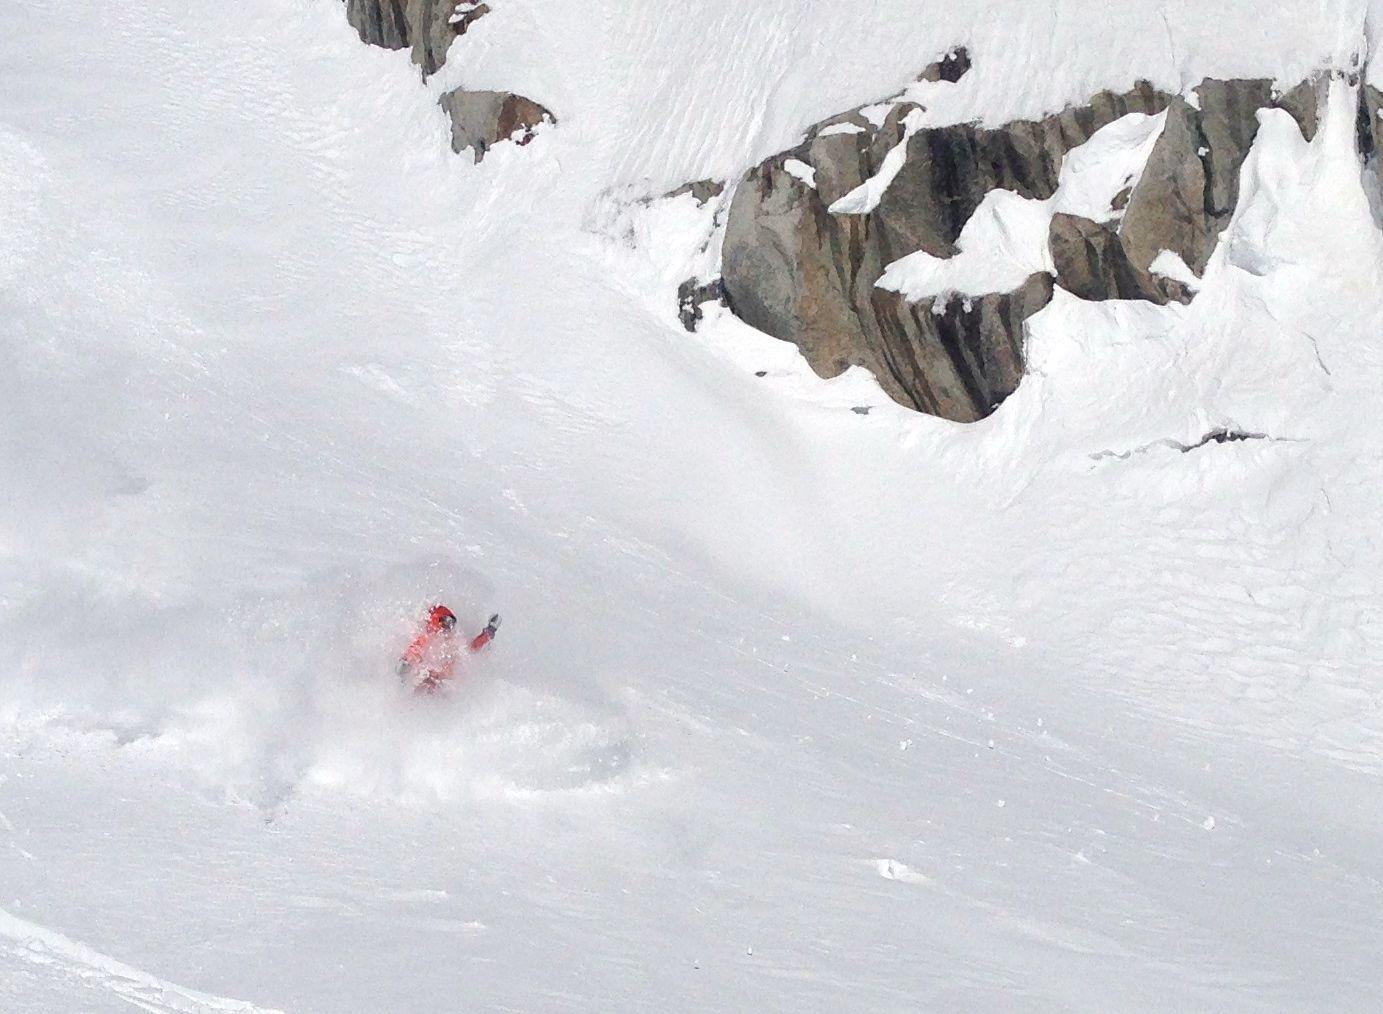 http://www.geromegualaguidechamonix.com Chamonix Mont Blanc